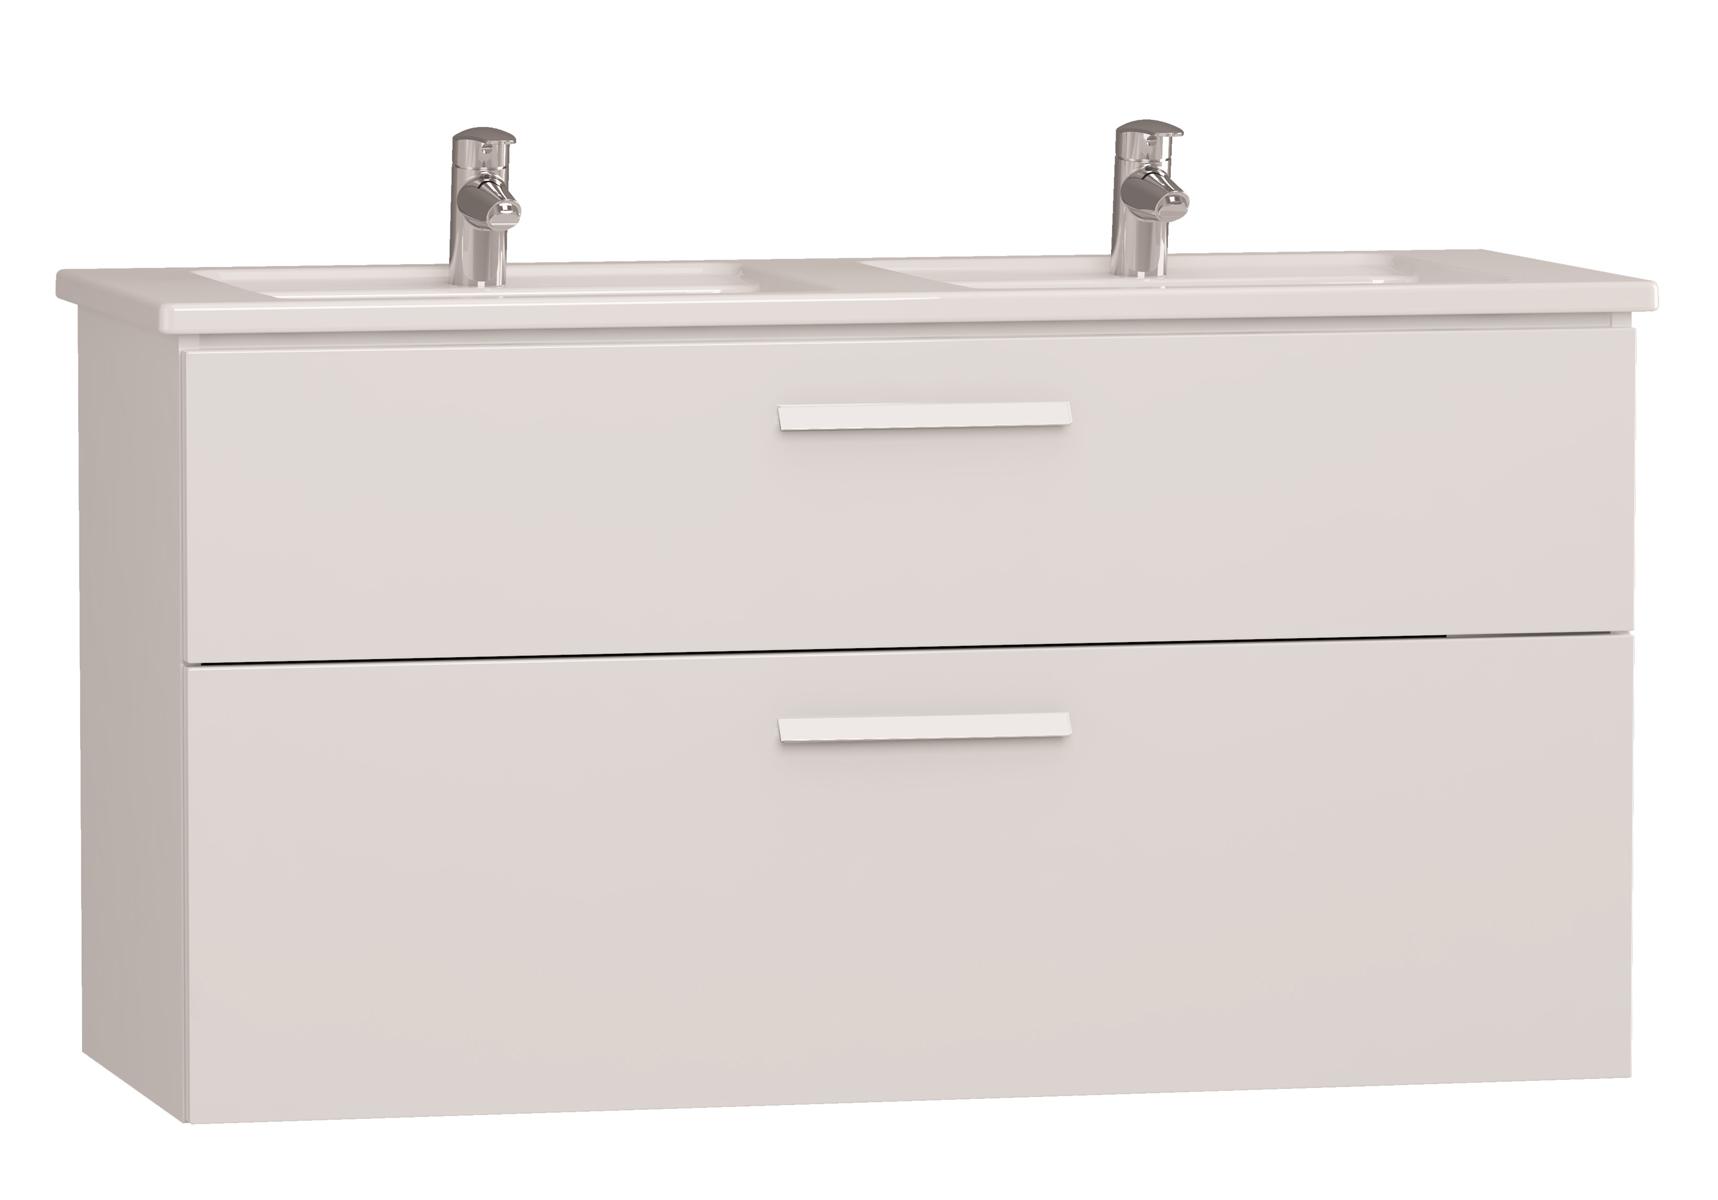 Integra meuble avec plan céramique avec lavabo double, 120 cm, blanc haute brillance